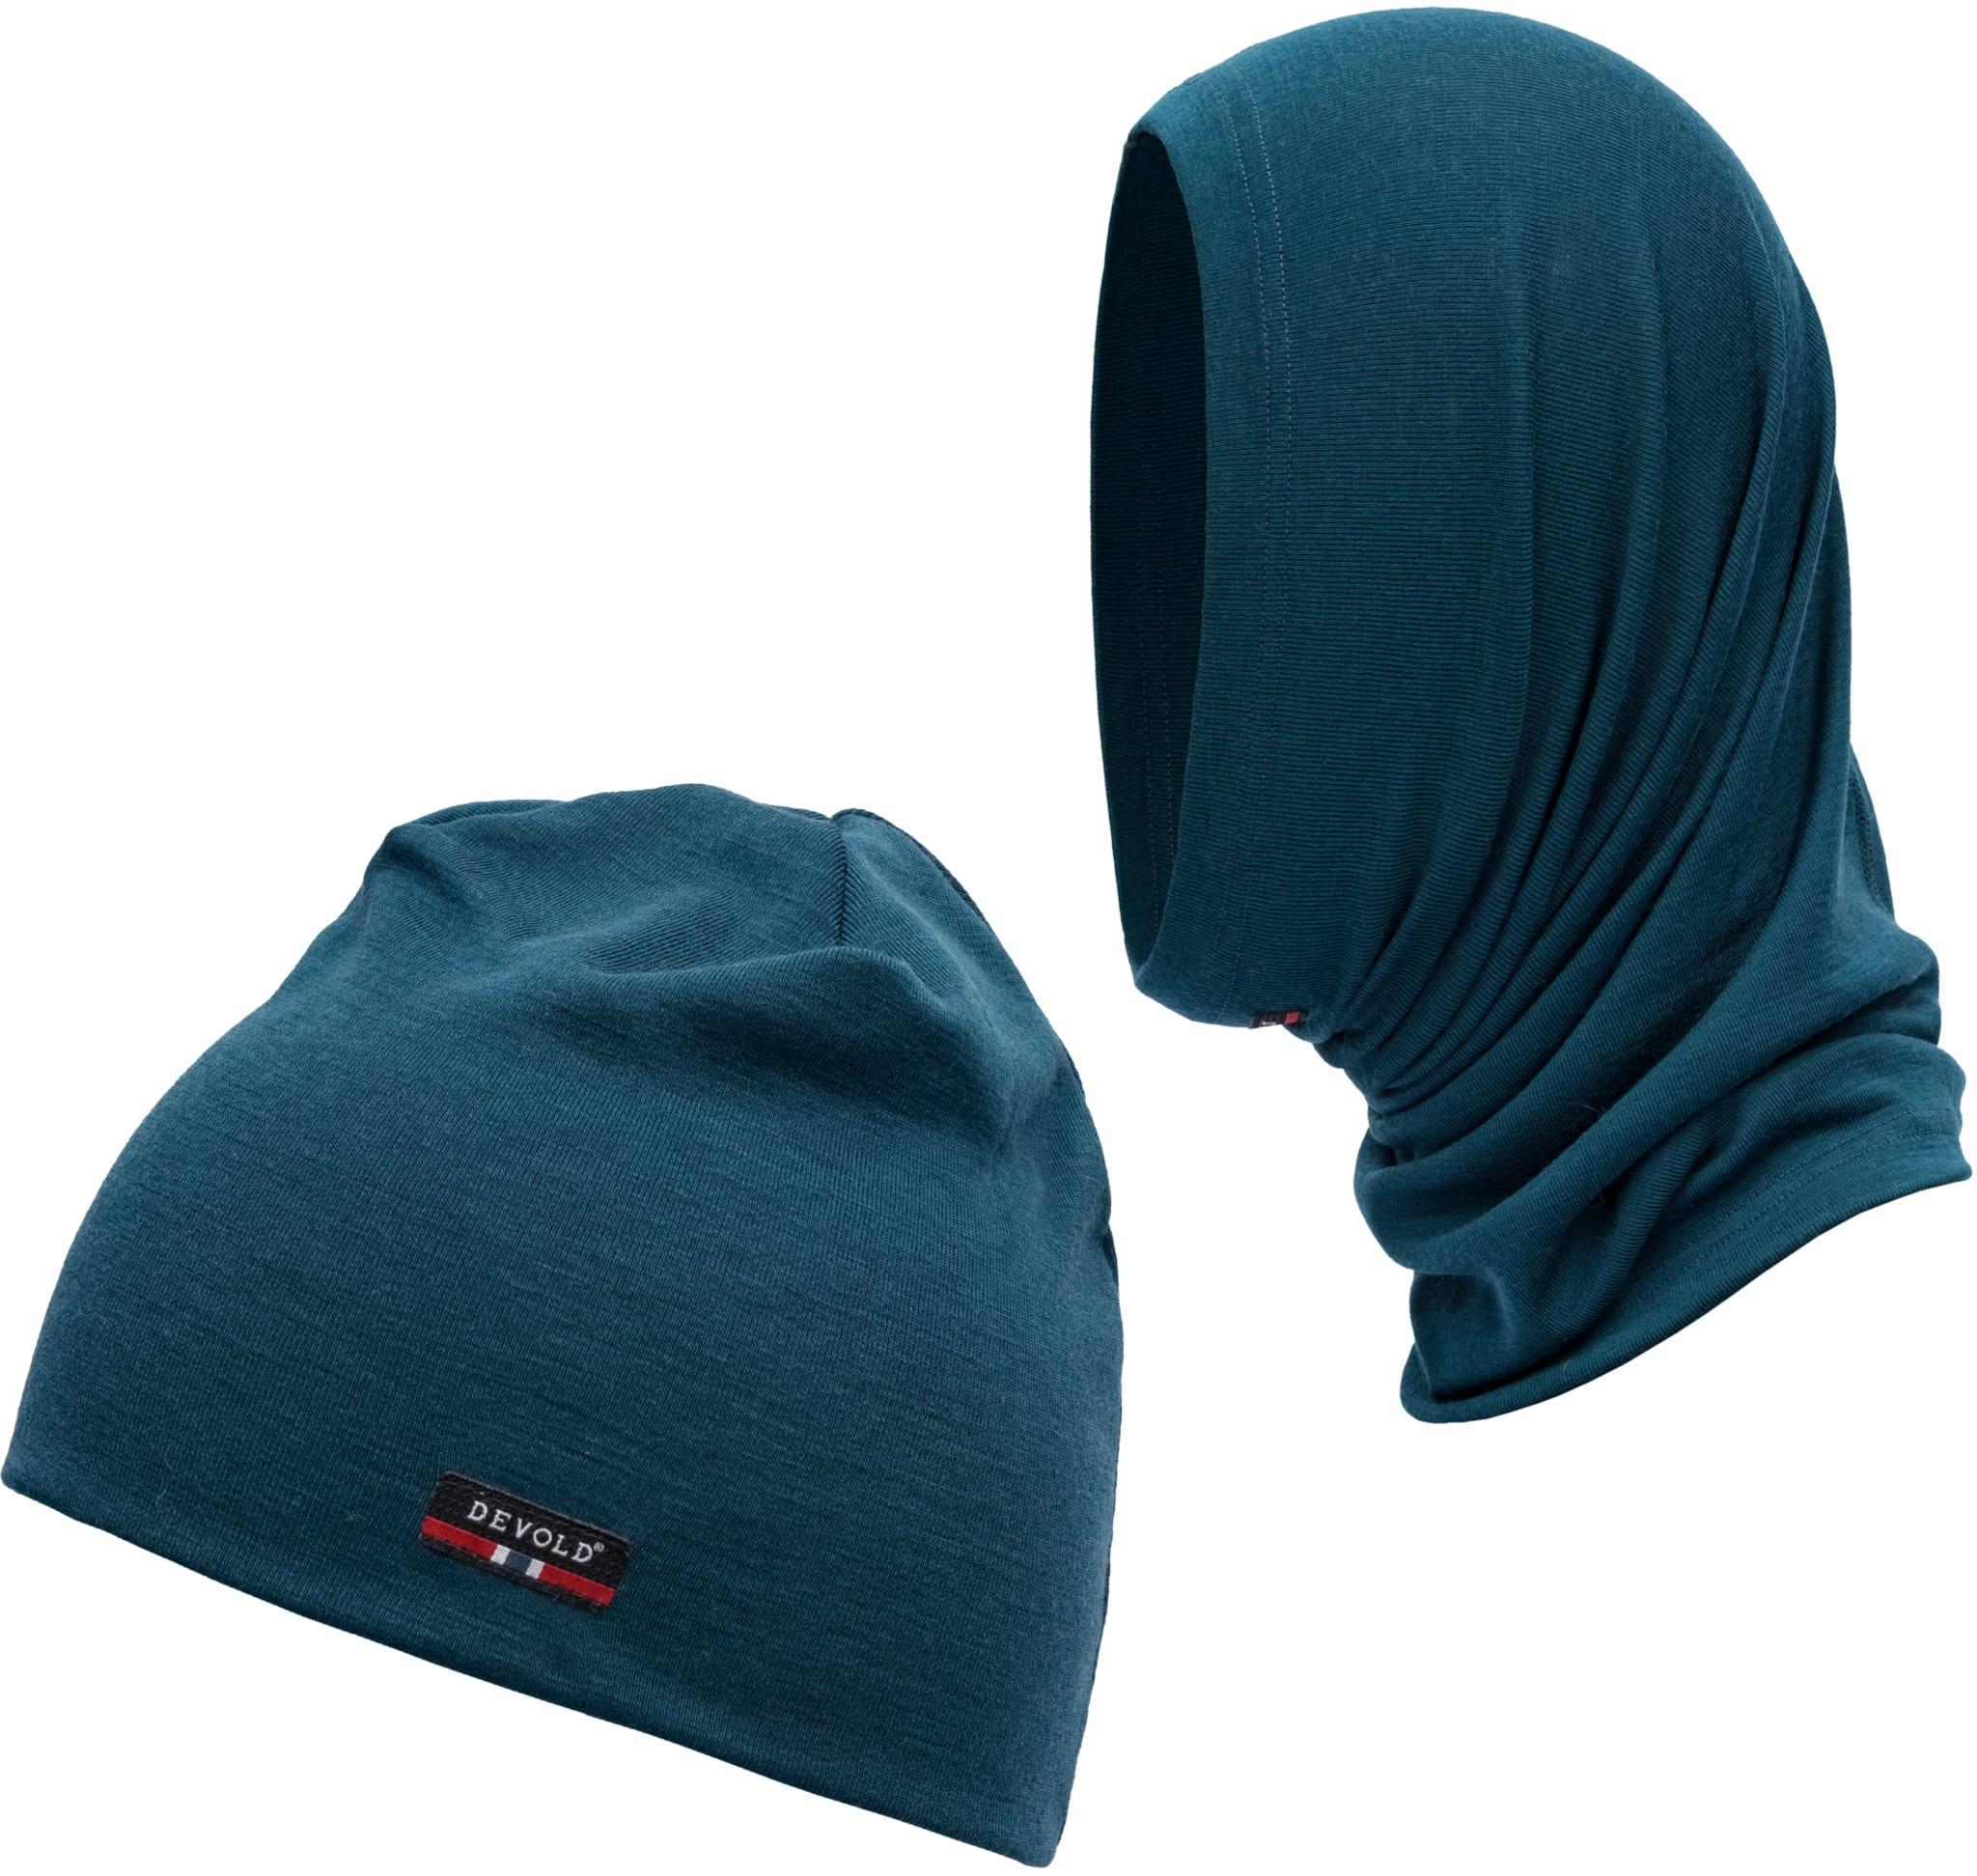 Multi Sport Headwear